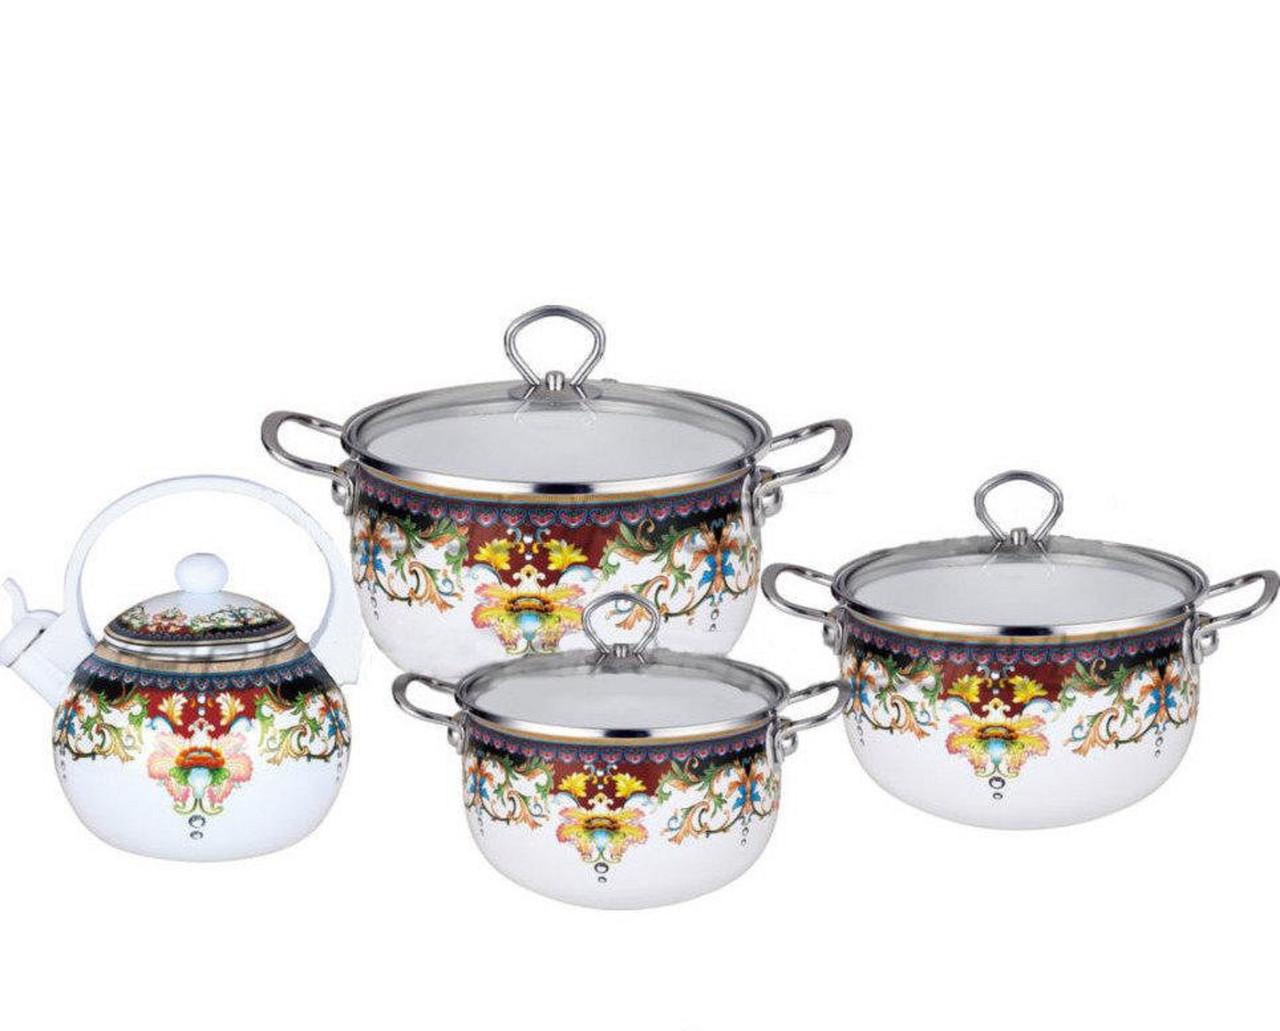 Набор эмалированных кастрюль и чайник Edenberg EB-3372-A